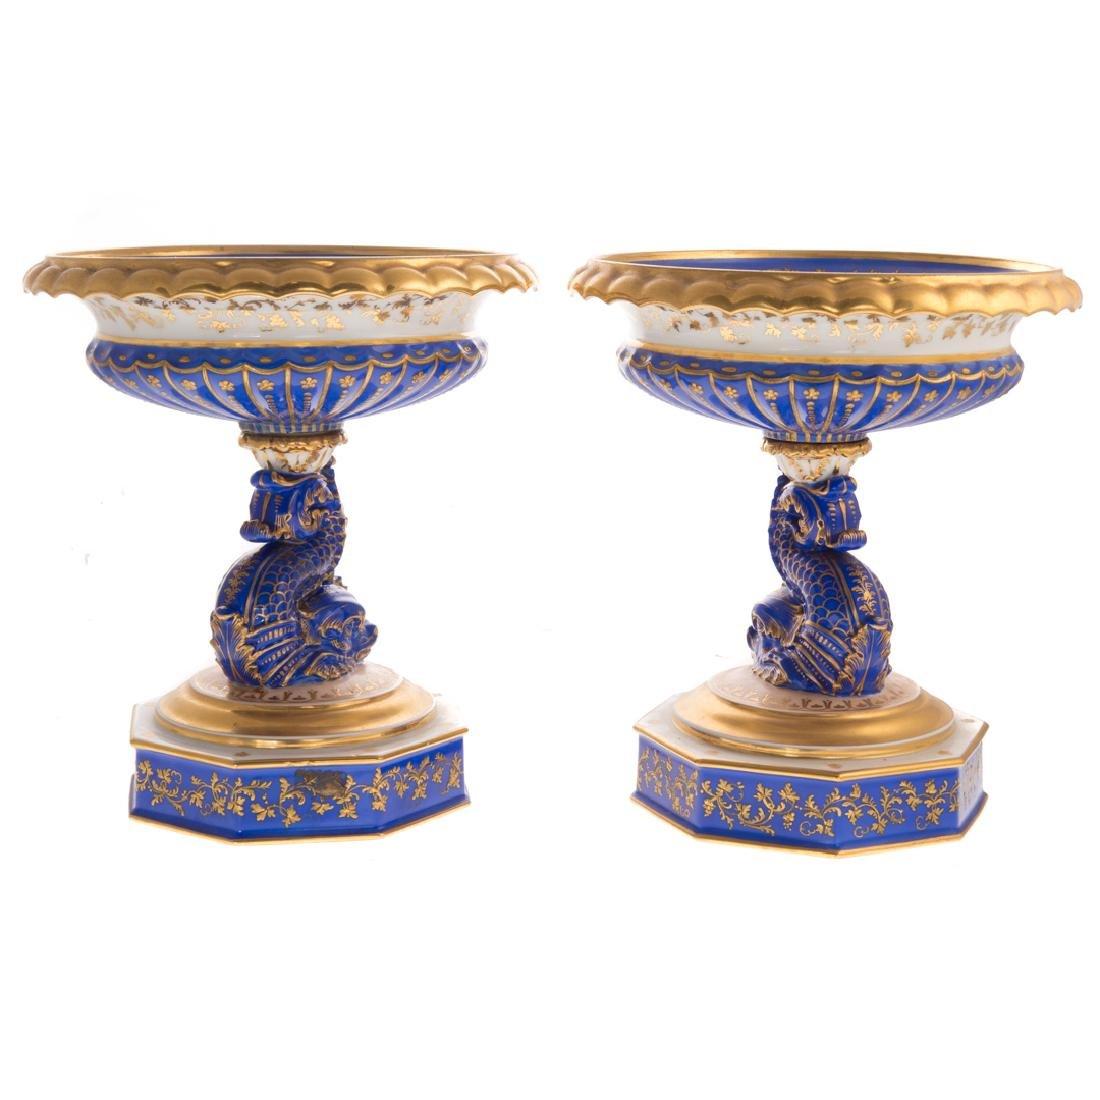 Pair Paris porcelain compotes - 2